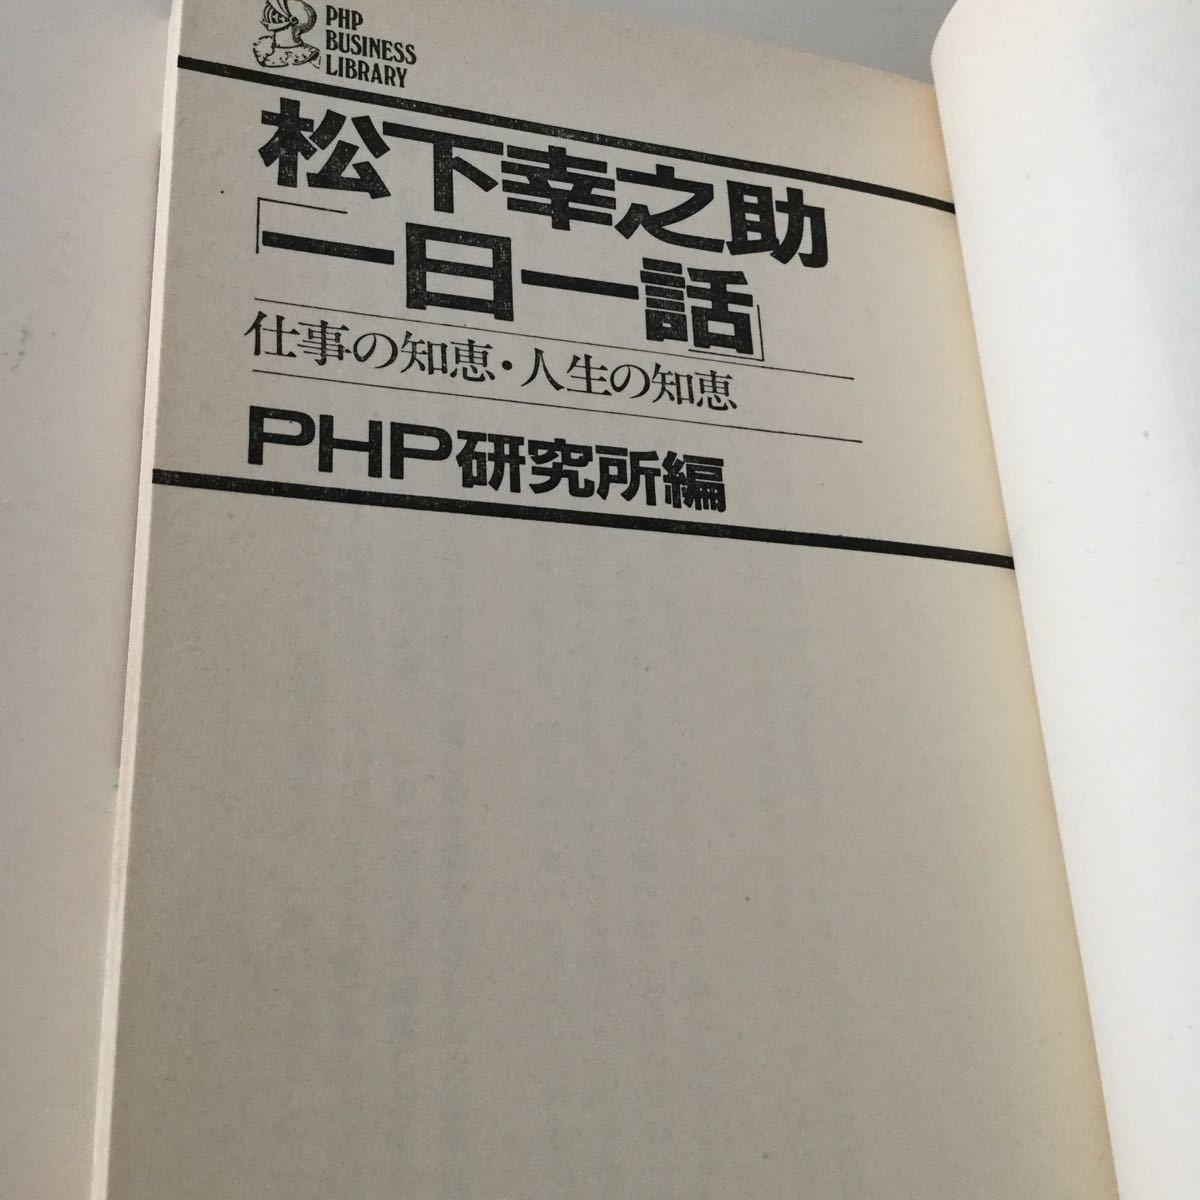 42 松下幸之助一日一話 仕事の知恵 人生の知恵 PHP研究所編 経営のコツ 経営者 生き方 考え方 PHP A022 本 小説 日本作家 日本小説 哲学_画像3